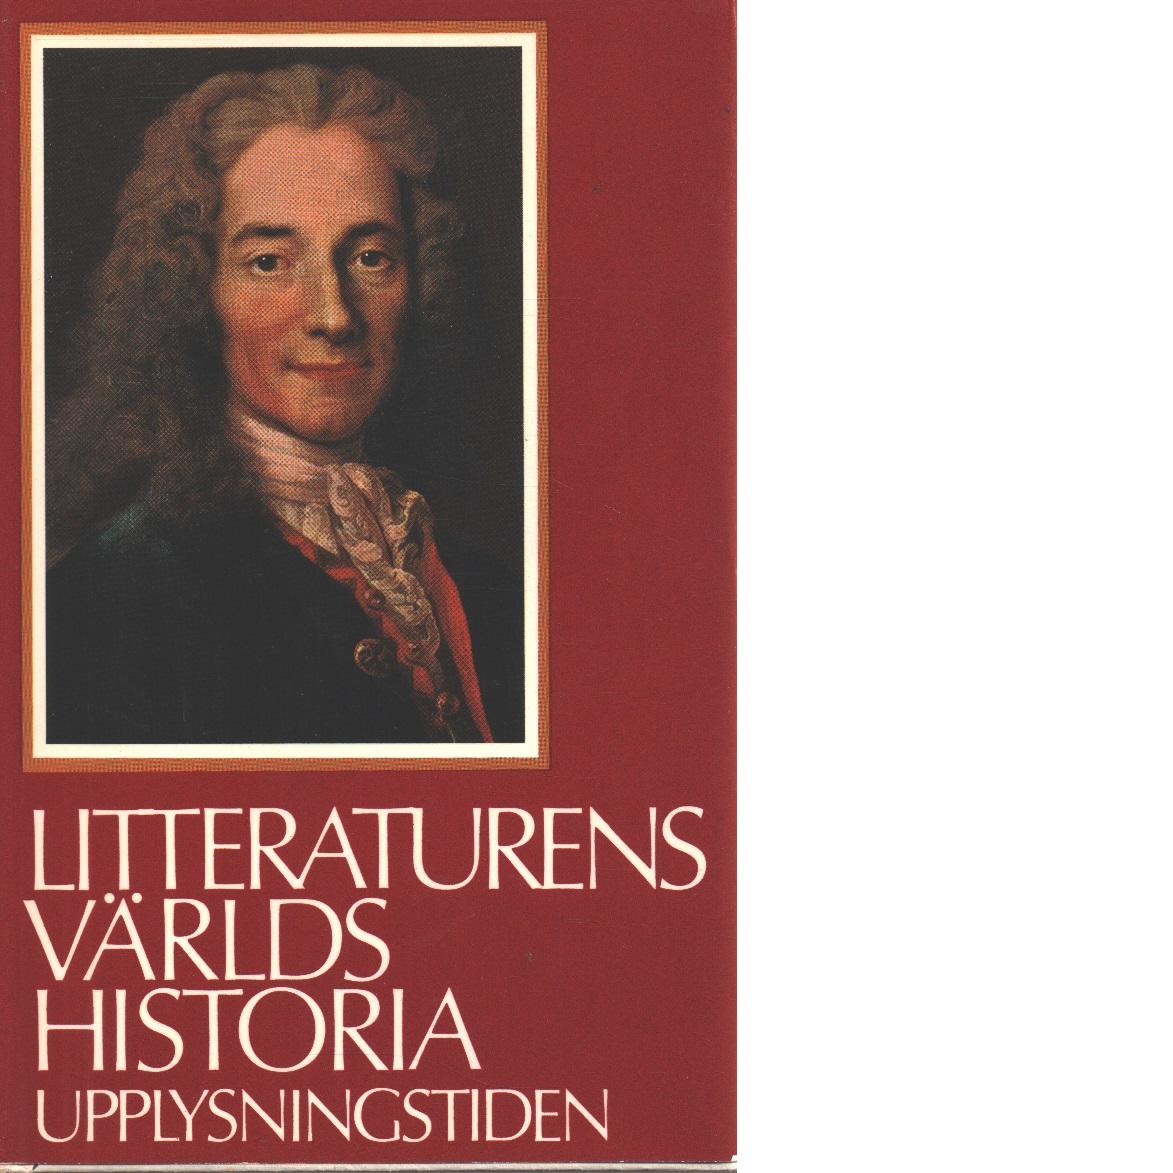 Litteraturens världshistoria [Bd 5] Upplysningstiden - Red.